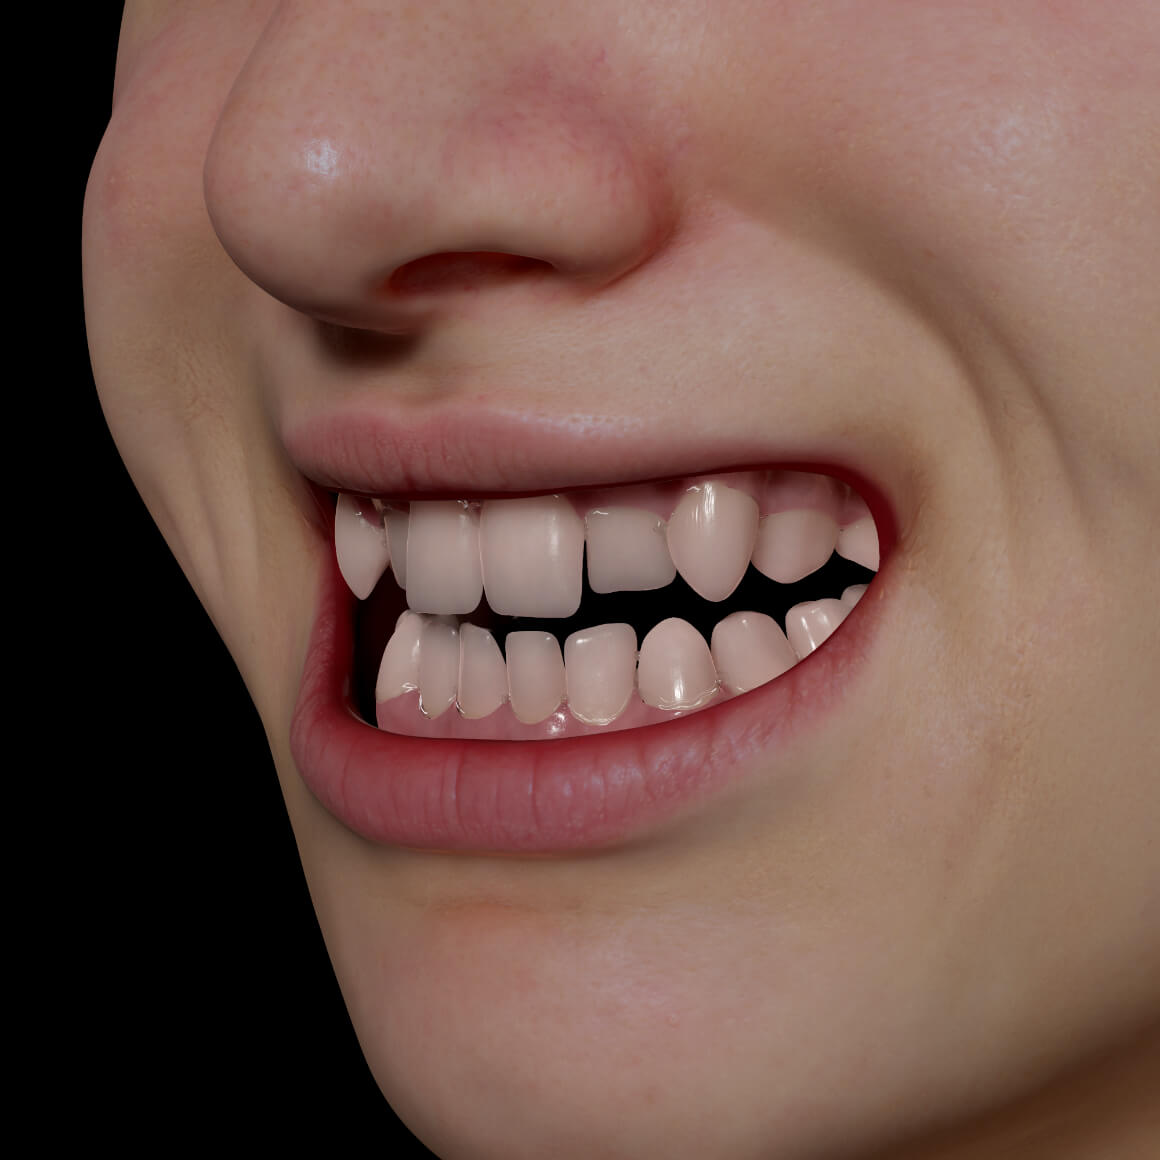 Sourire d'une patiente de la Clinique Chloé positionné en angle démontrant des dents croches et mal alignées